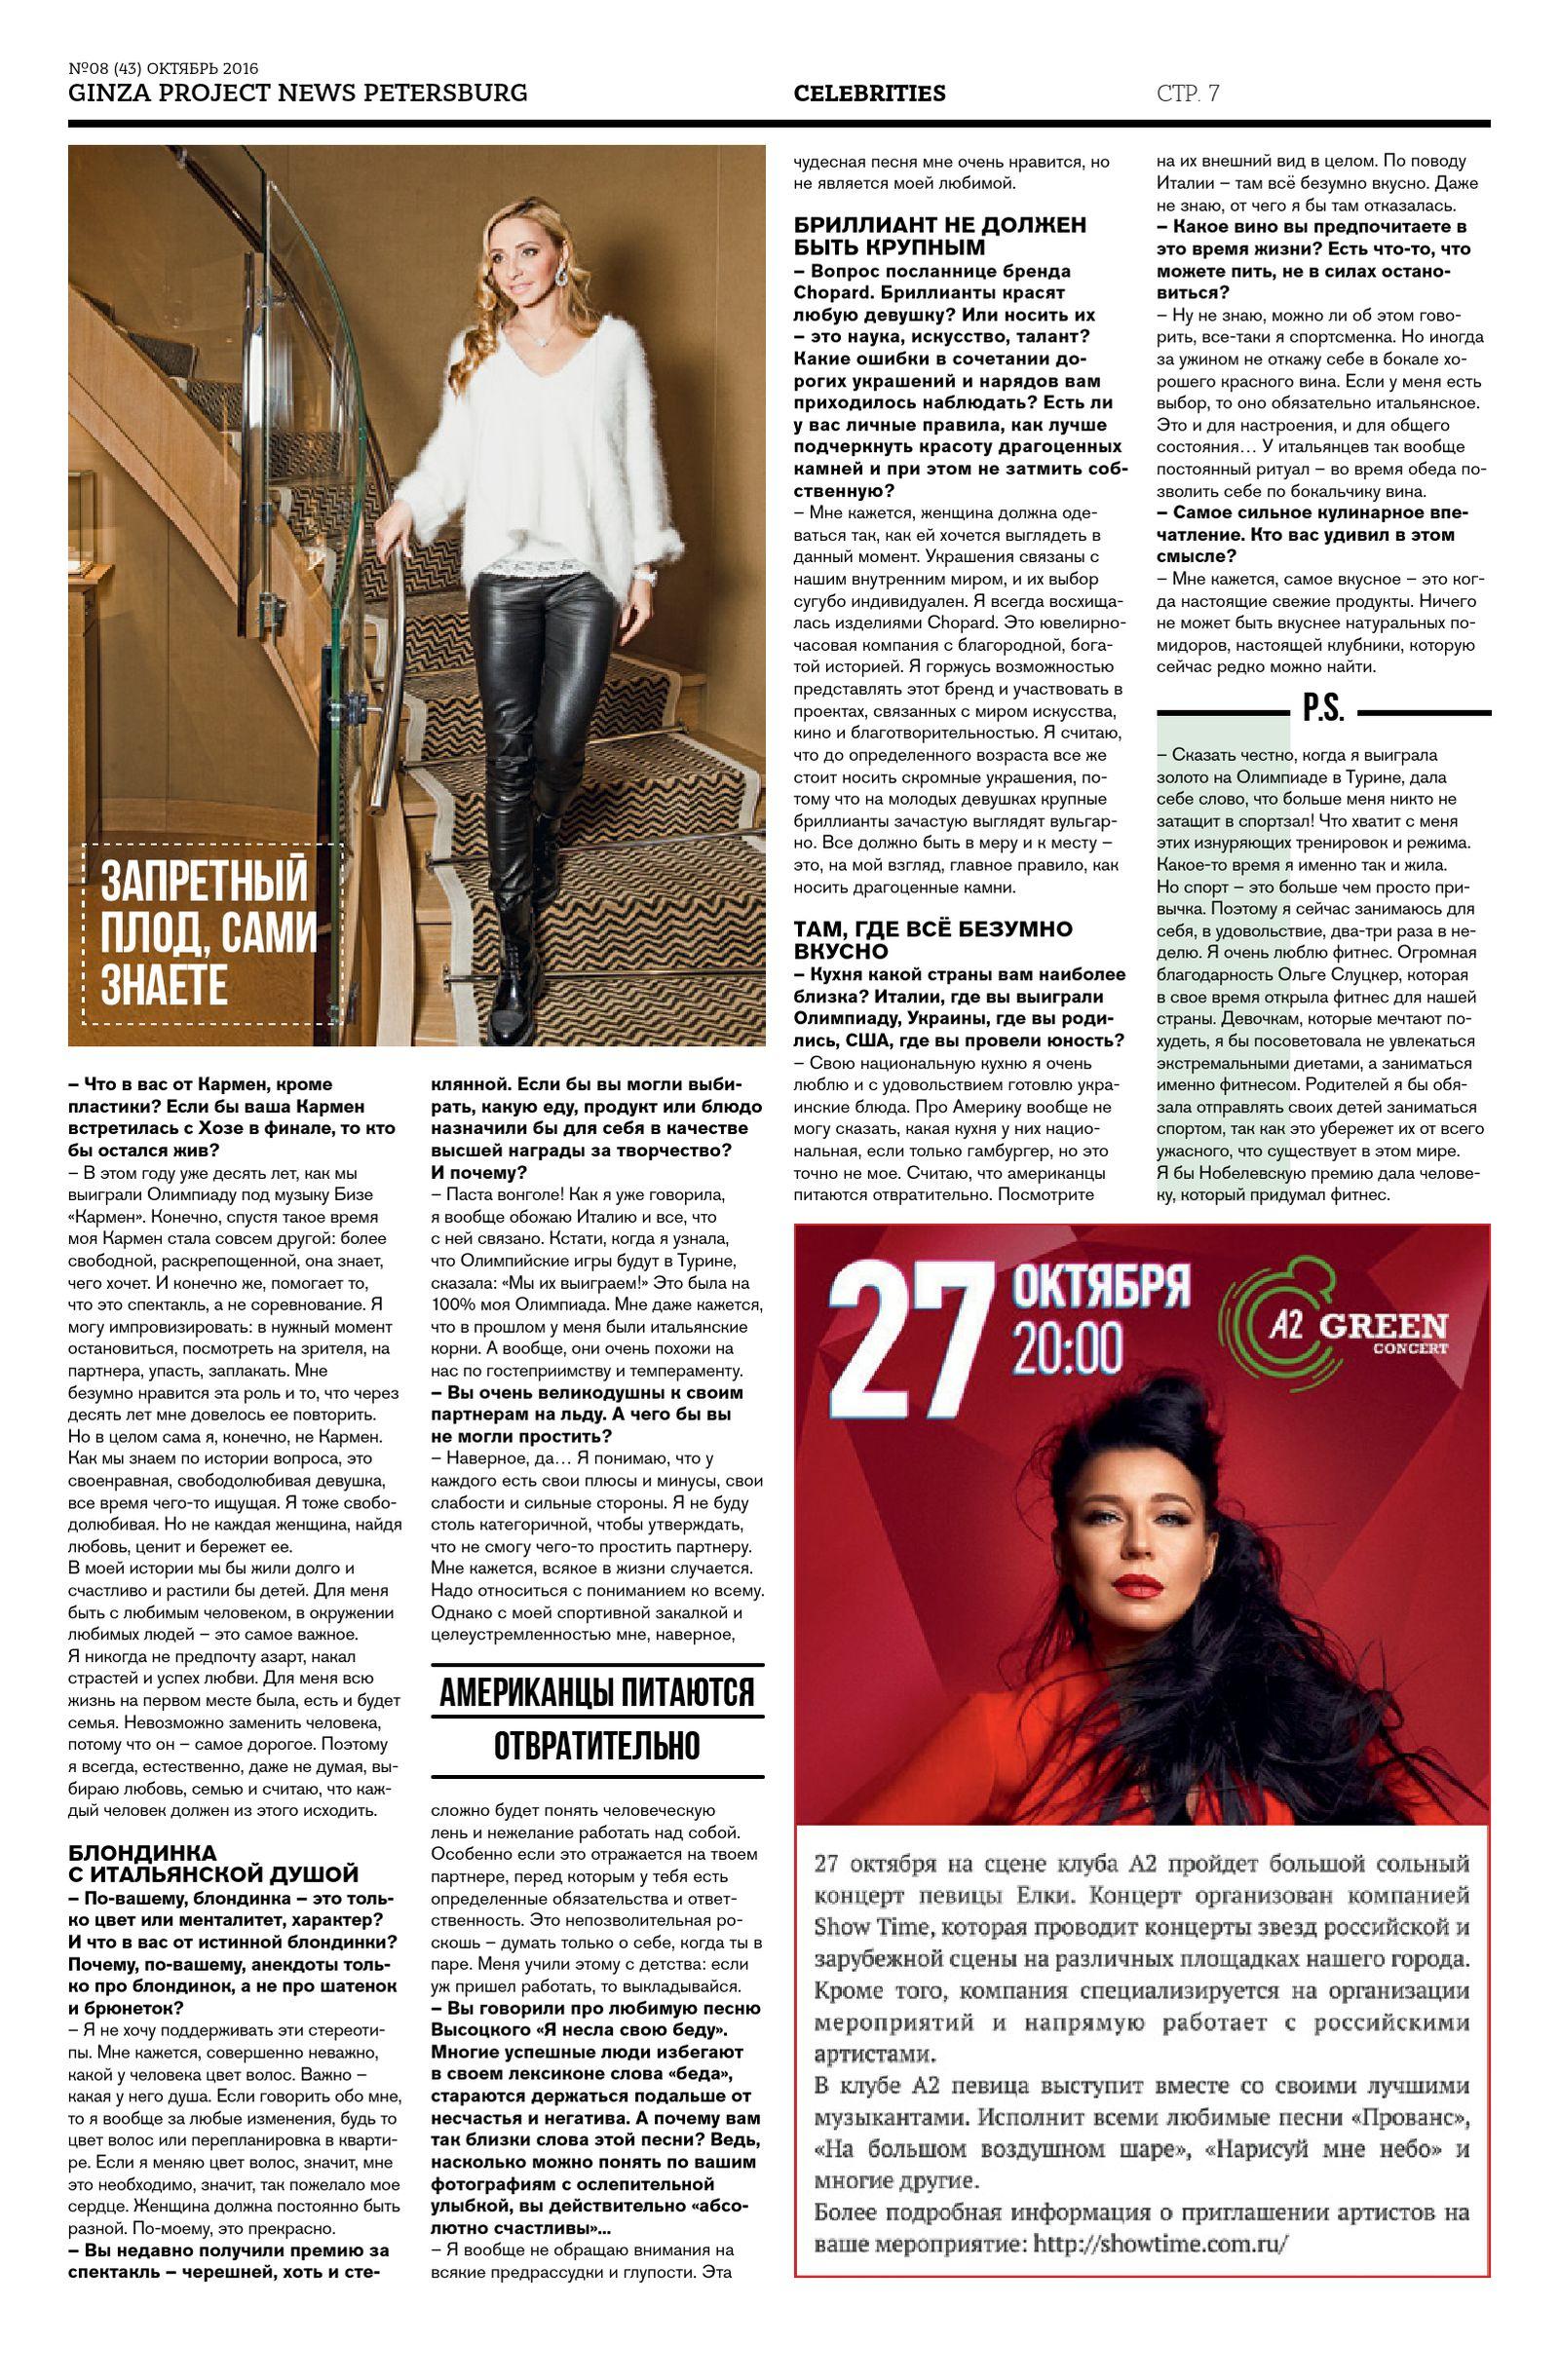 Татьяна Навка. Пресса - Страница 14 8fa01289cdcd